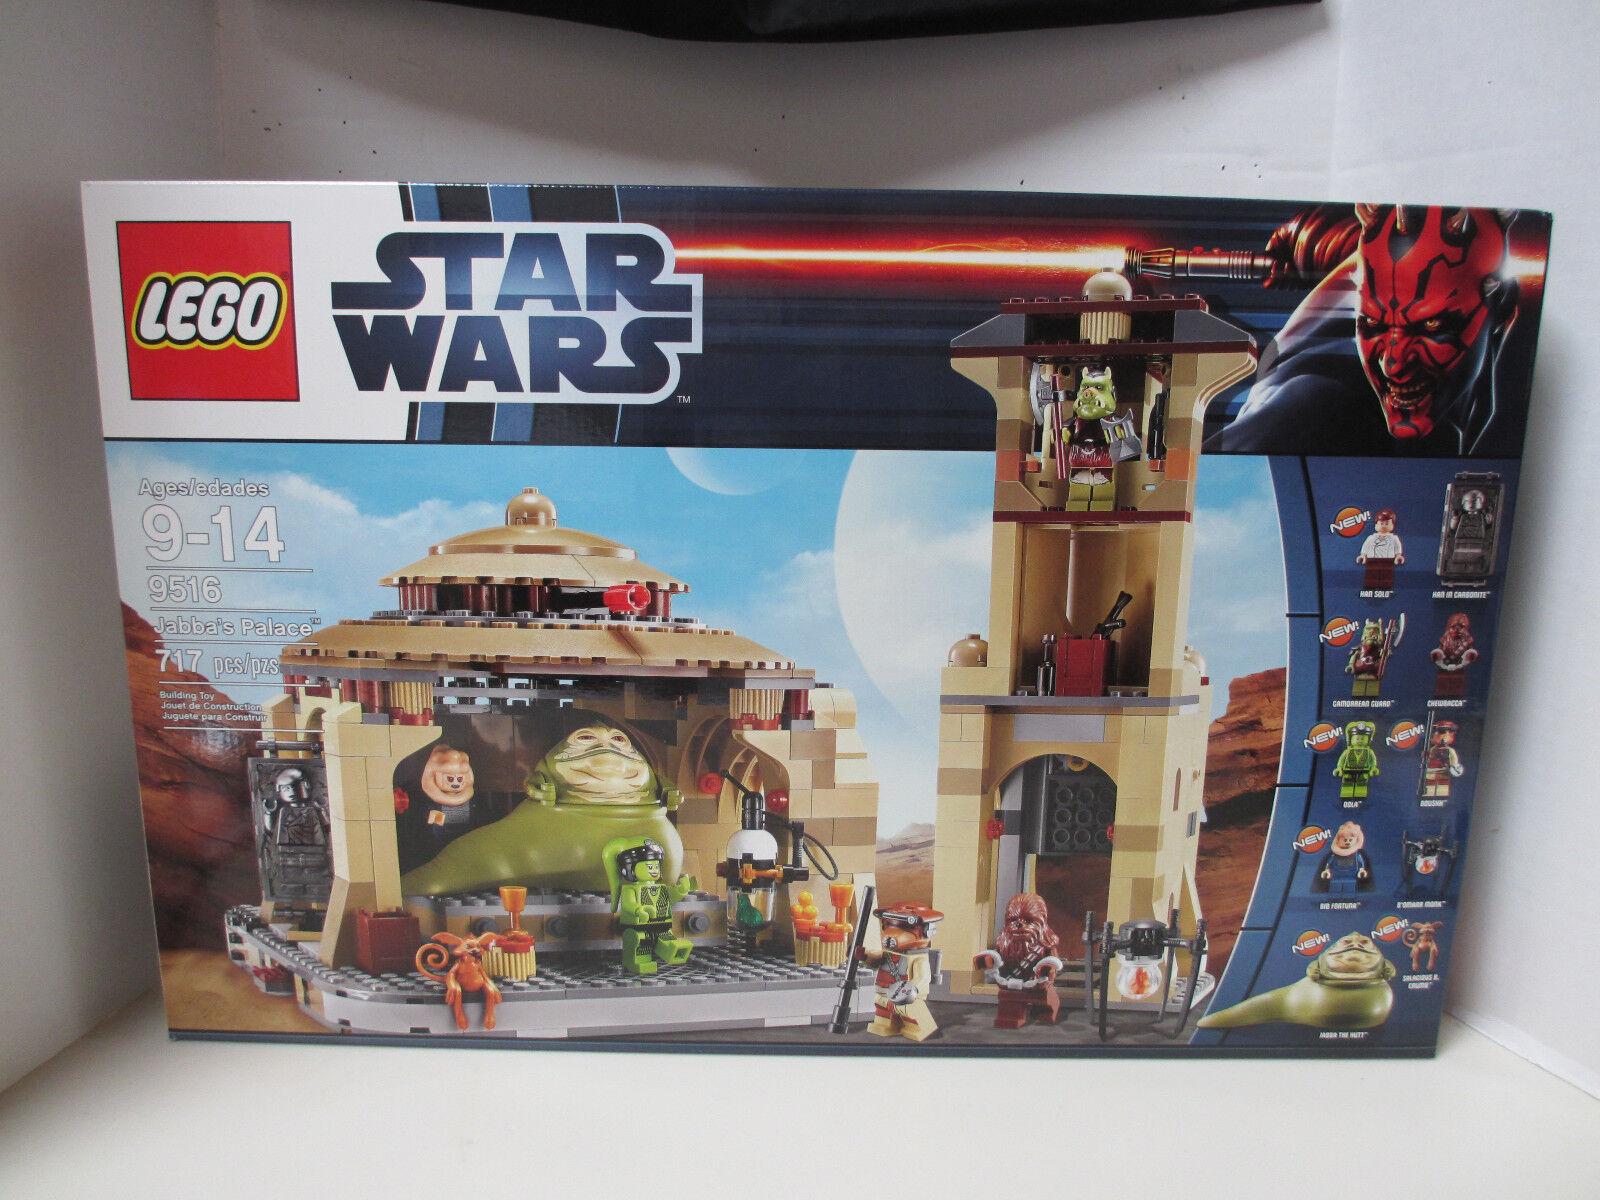 Nuevo En Caja Juego De 2012 Star Wars Lego 9516 Jabba's Palace con Bib Fortuna, Boushh, oola